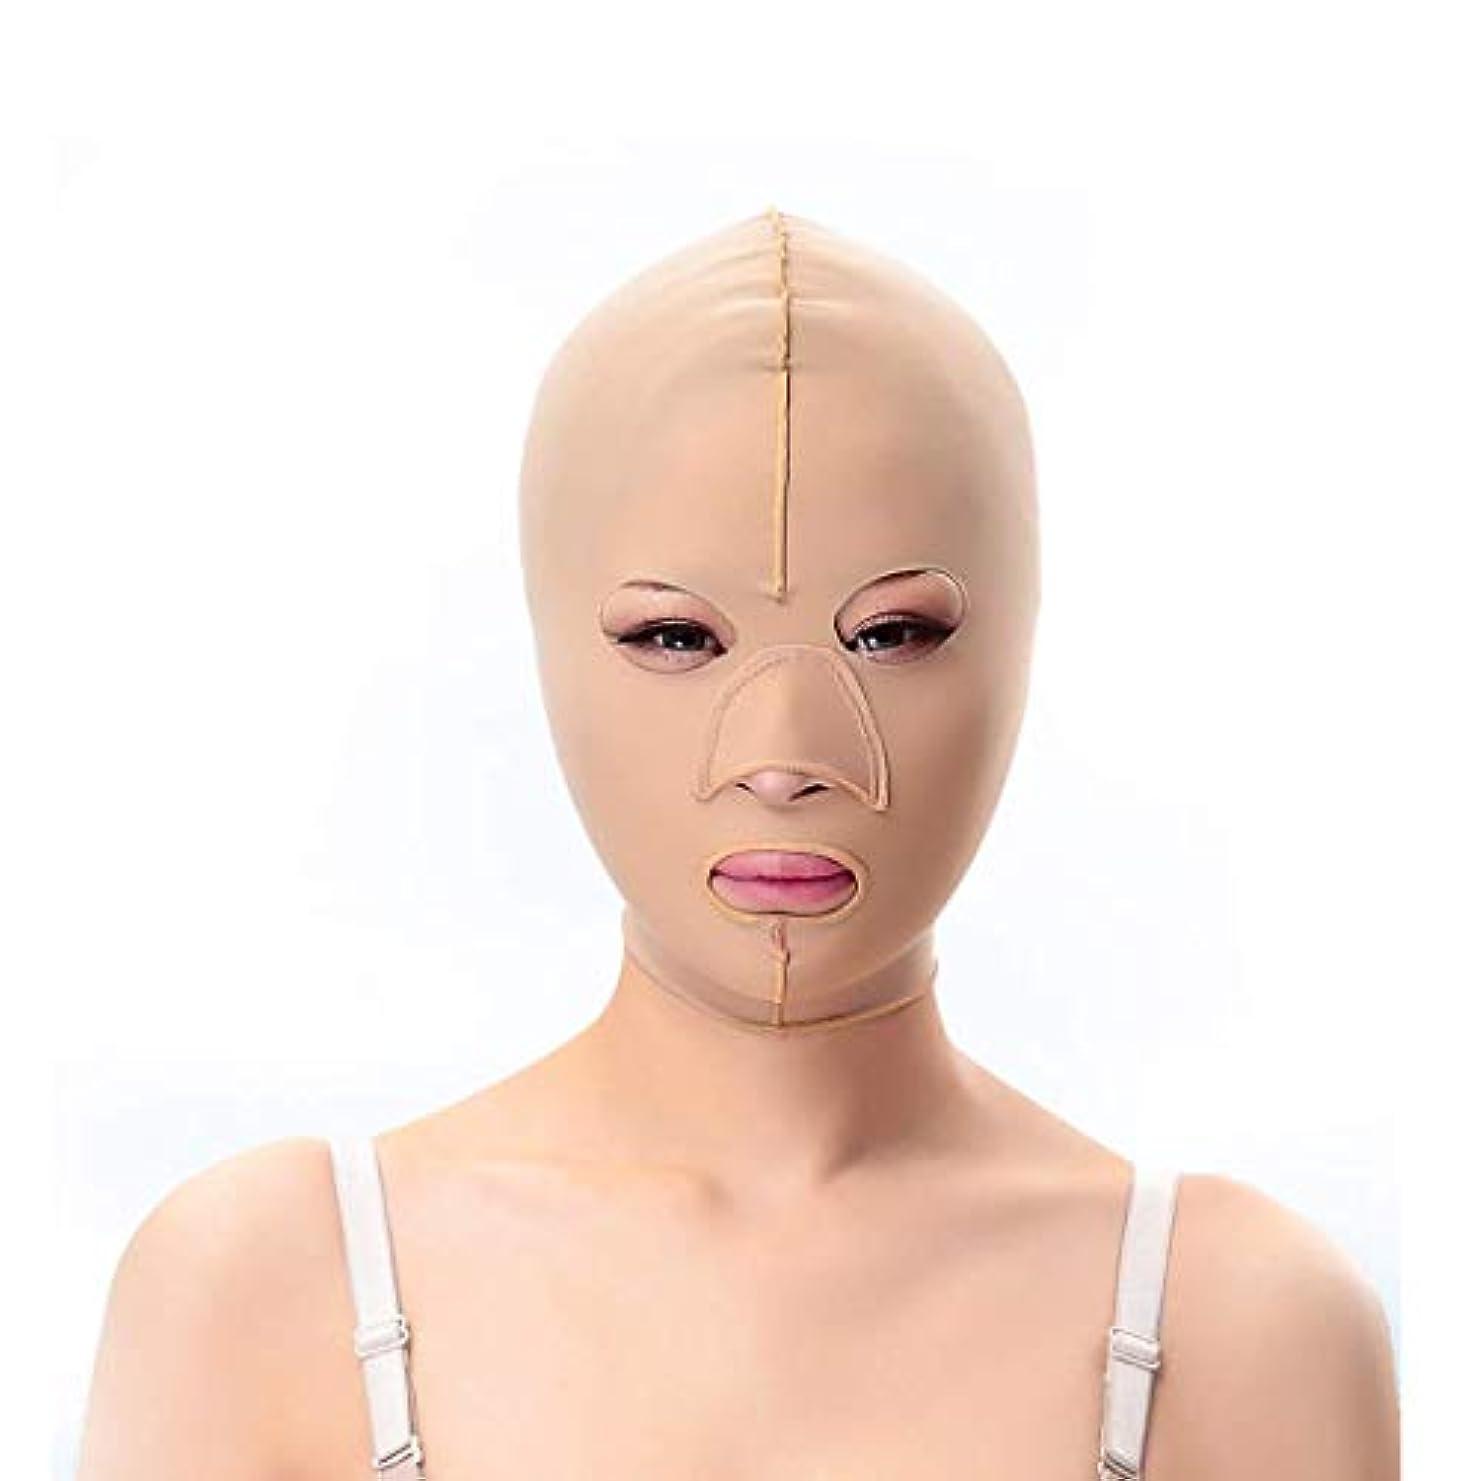 リア王どこ幽霊スリミングベルト、二重あごの引き締め顔のプラスチックフェイスアーティファクト強力なフェイス包帯を脇に持ち上げるパターンを欺くためのフェイシャルマスクシンフェイスマスク(サイズ:L),Xl